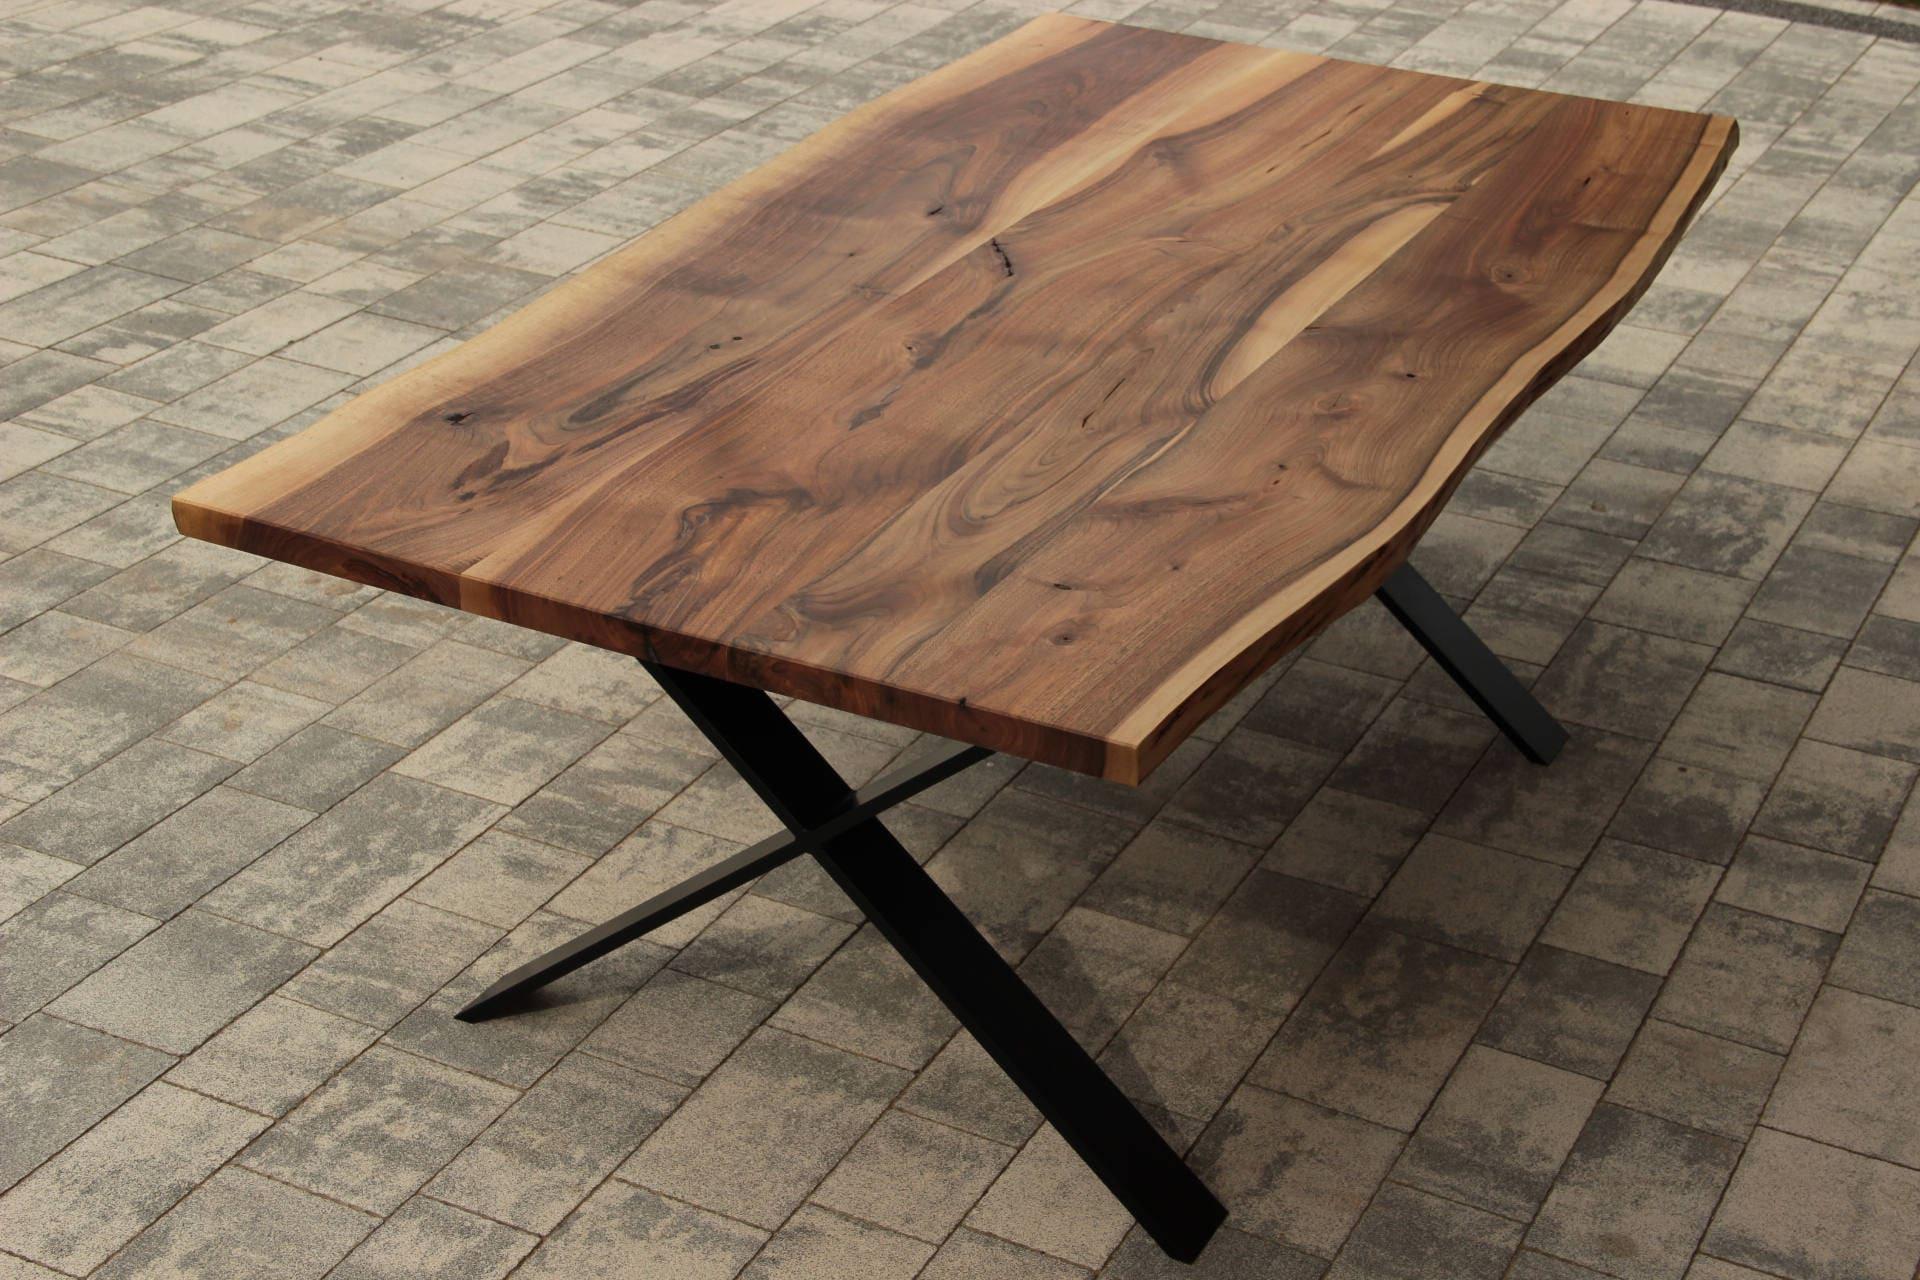 table noyer massif live edge sur pieds acier x frame etsy. Black Bedroom Furniture Sets. Home Design Ideas